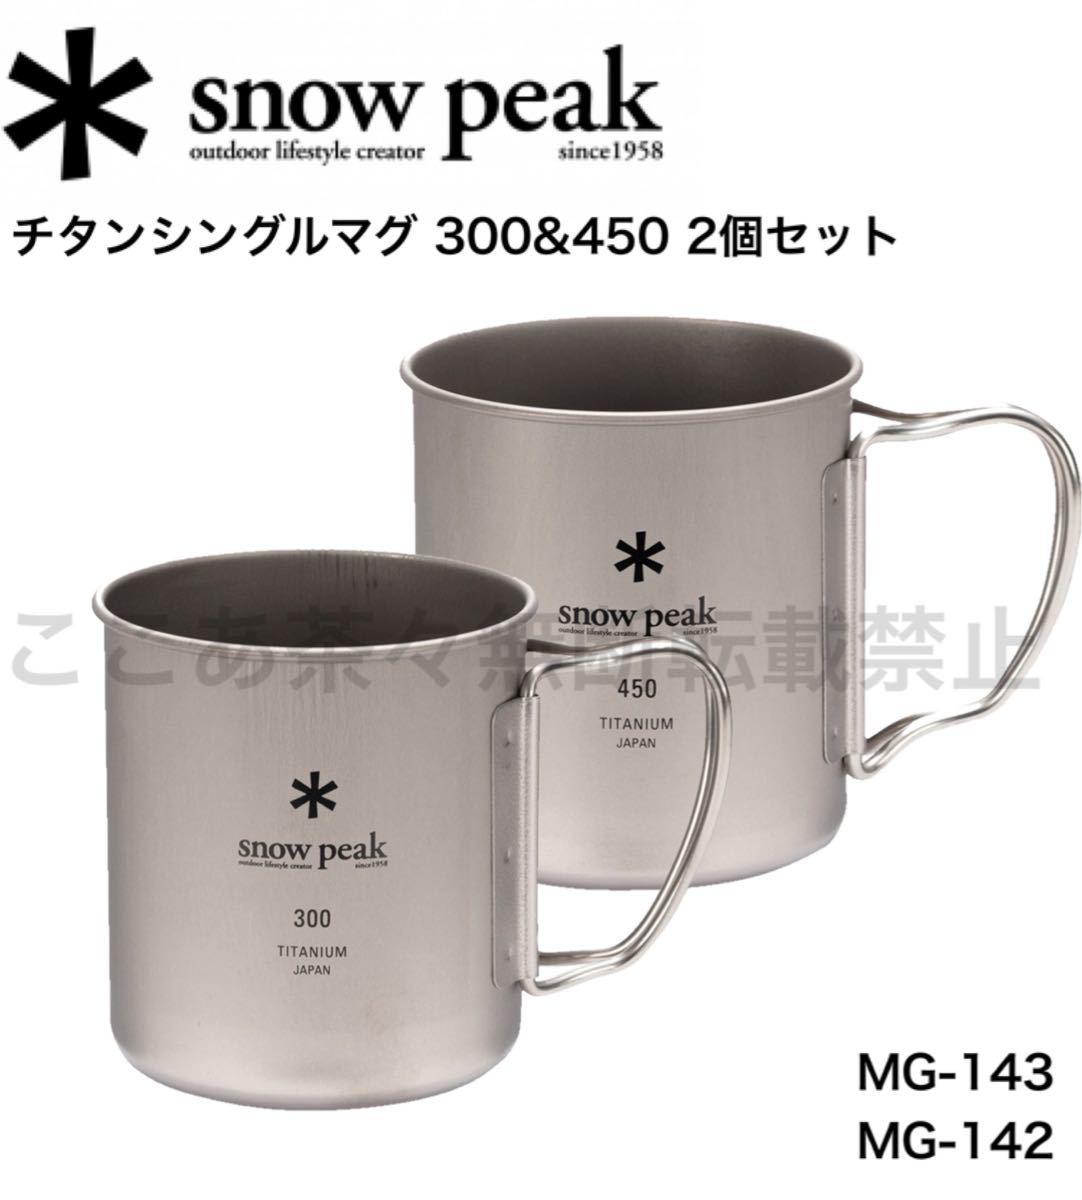 スノーピーク(snow peak)チタンシングルマグ300 450 セット MG-142   MG-143